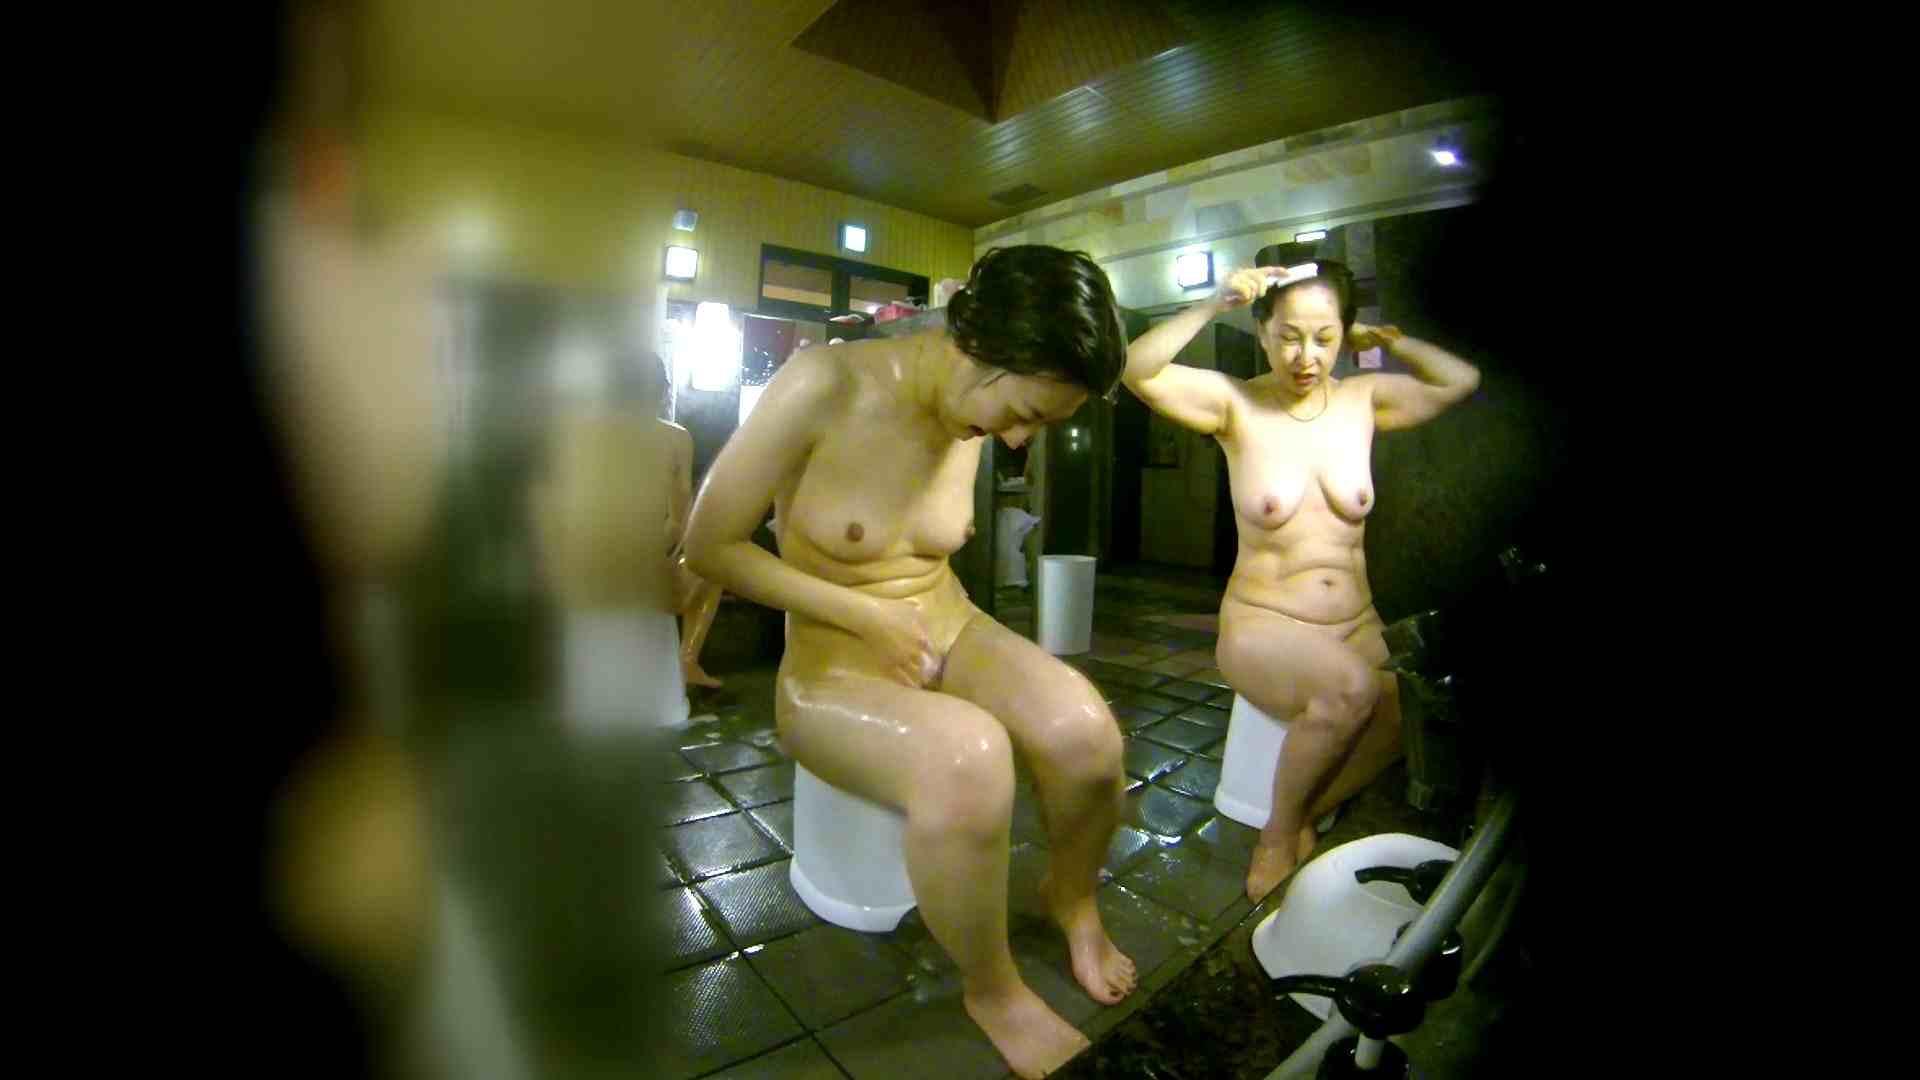 洗い場!右足の位置がいいですね。陰毛もっさり! 銭湯   潜入  58pic 25